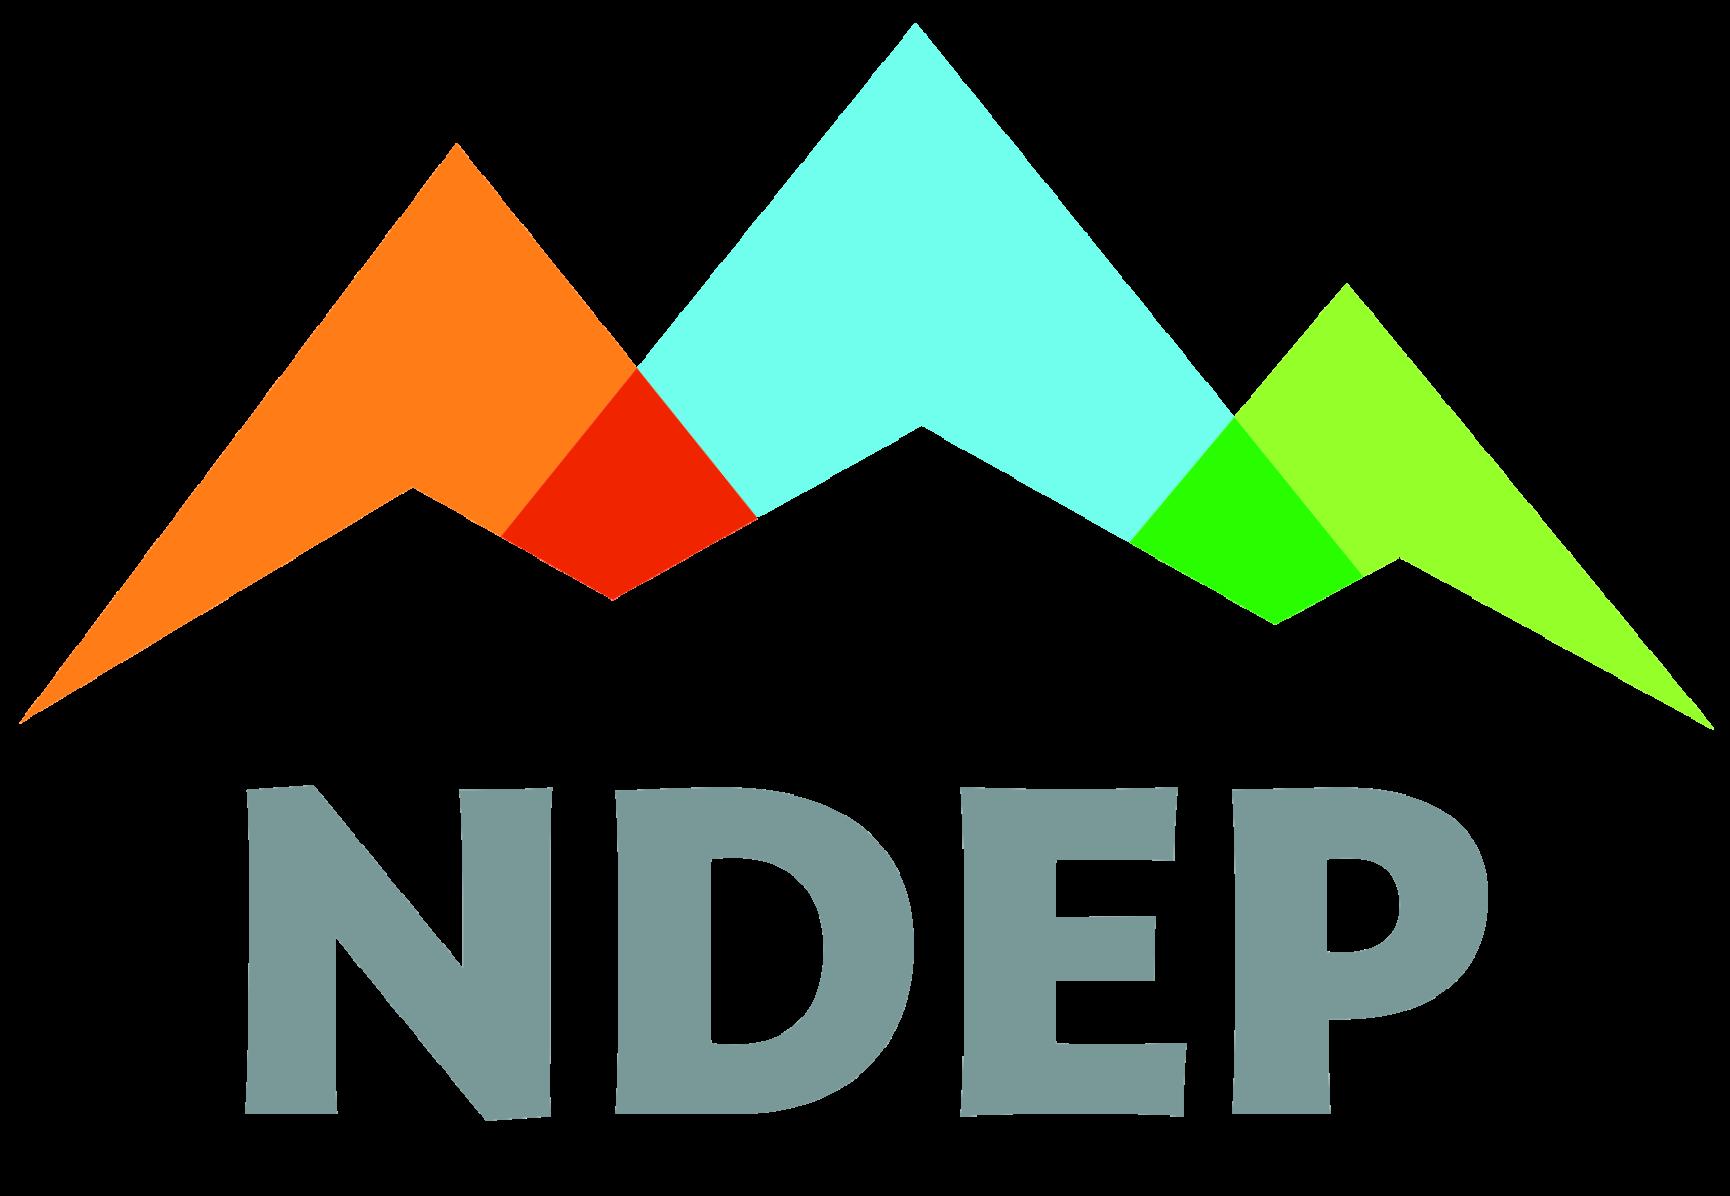 NDEP_Logo15_print.png